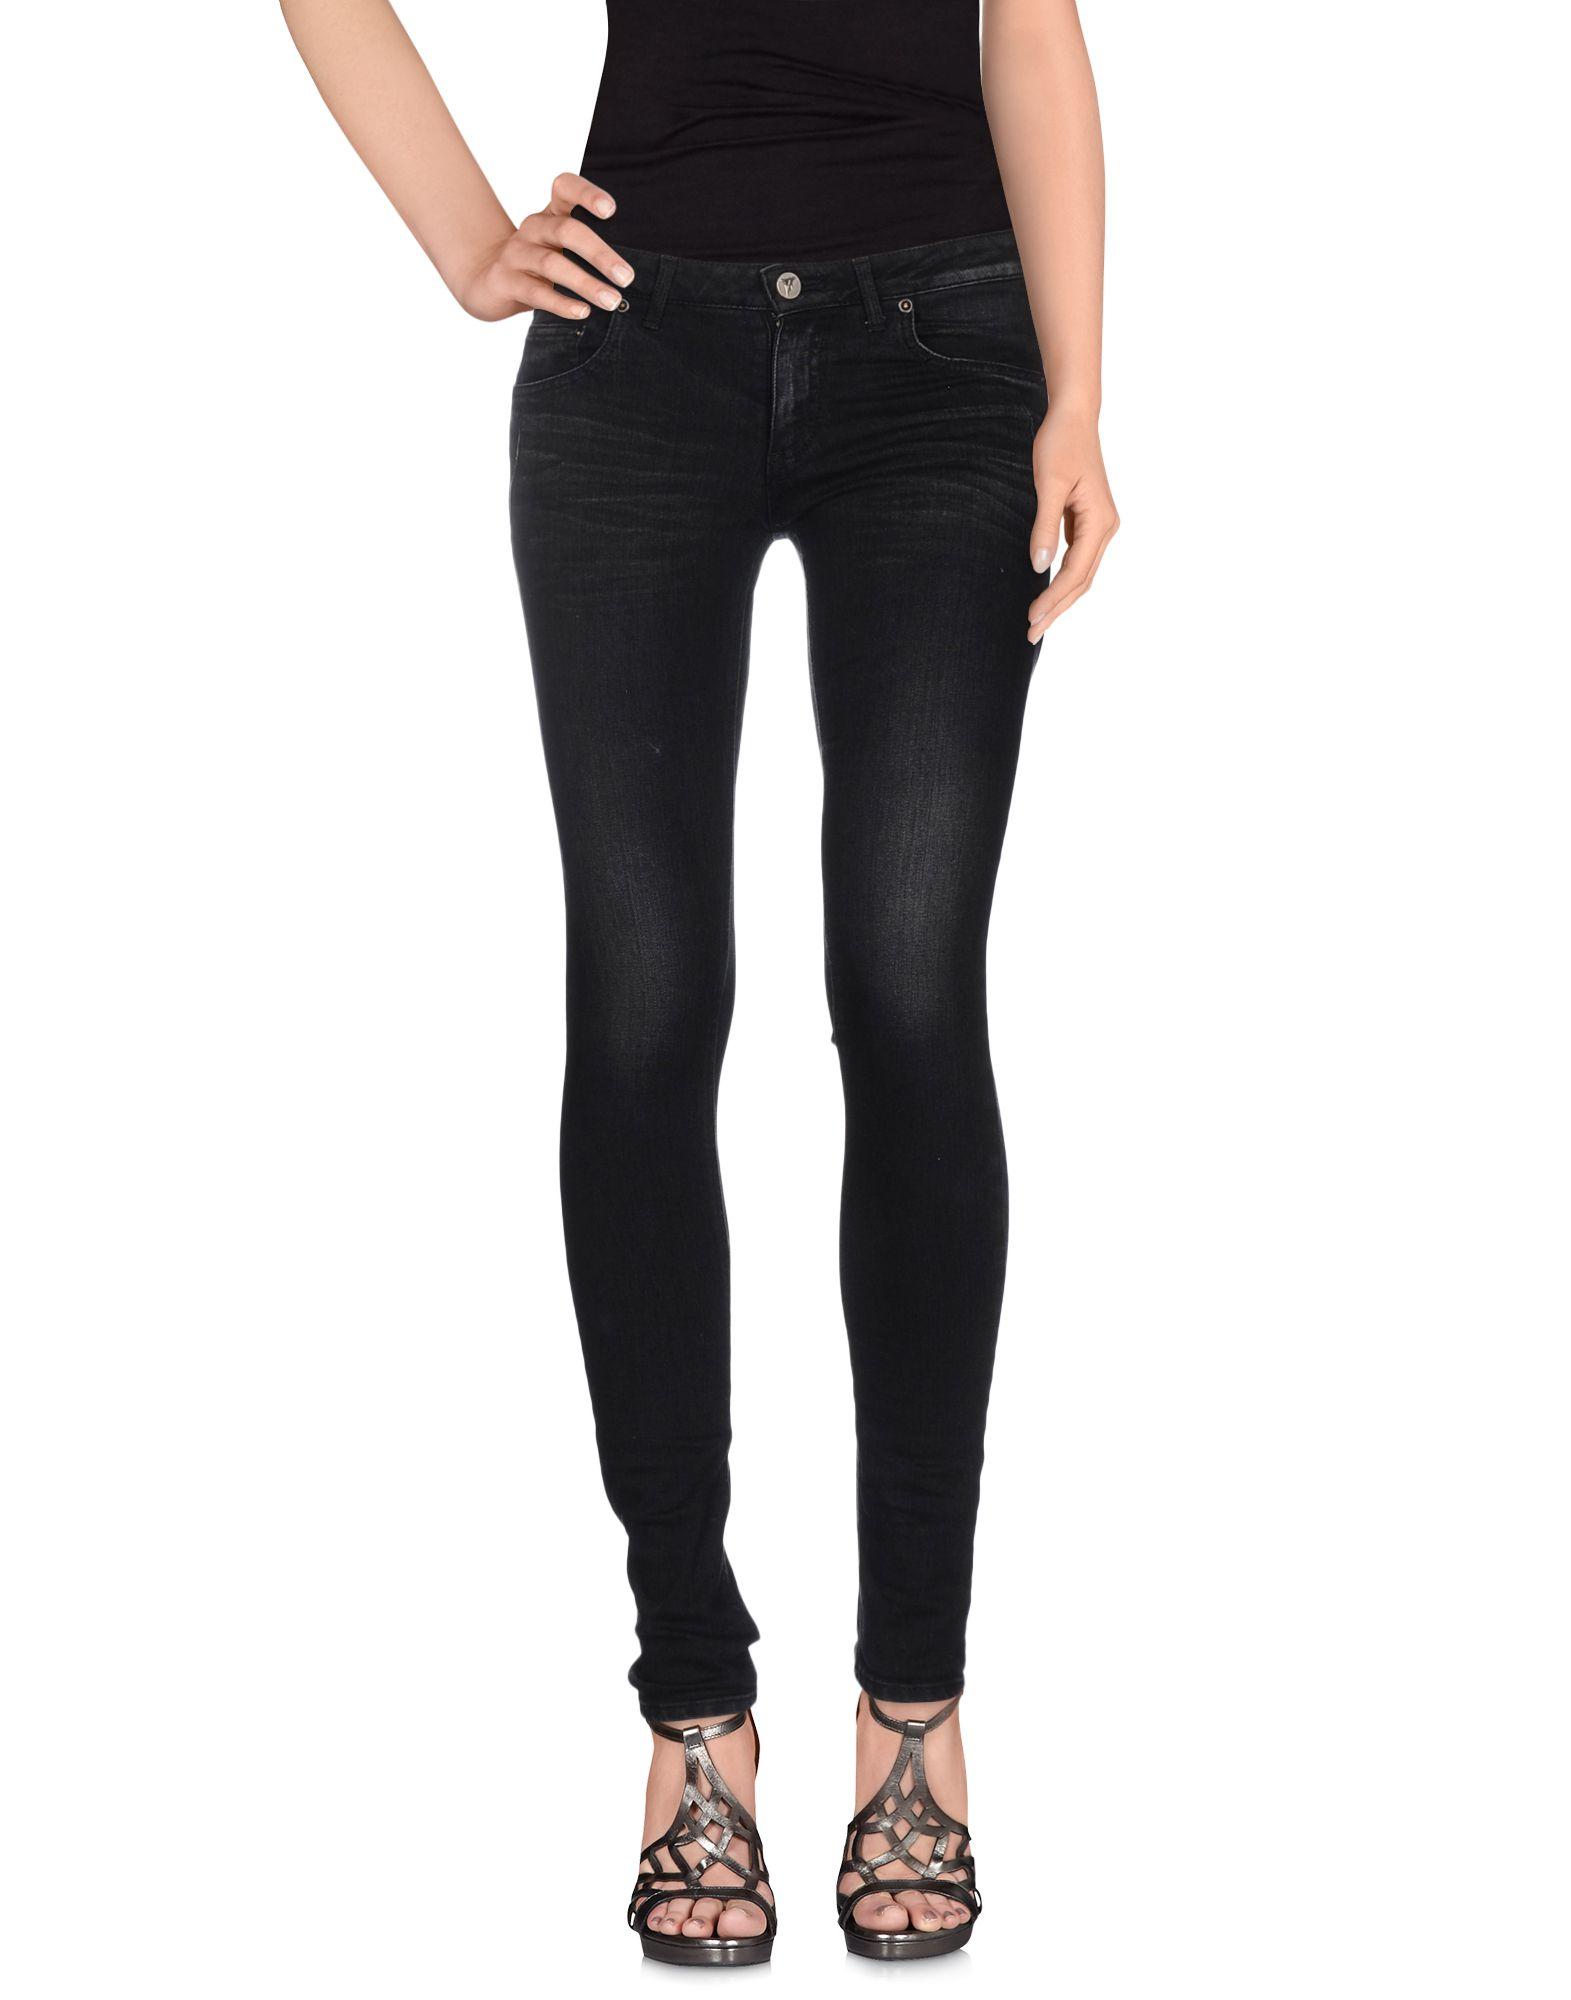 FAGASSENT Denim Pants in Black